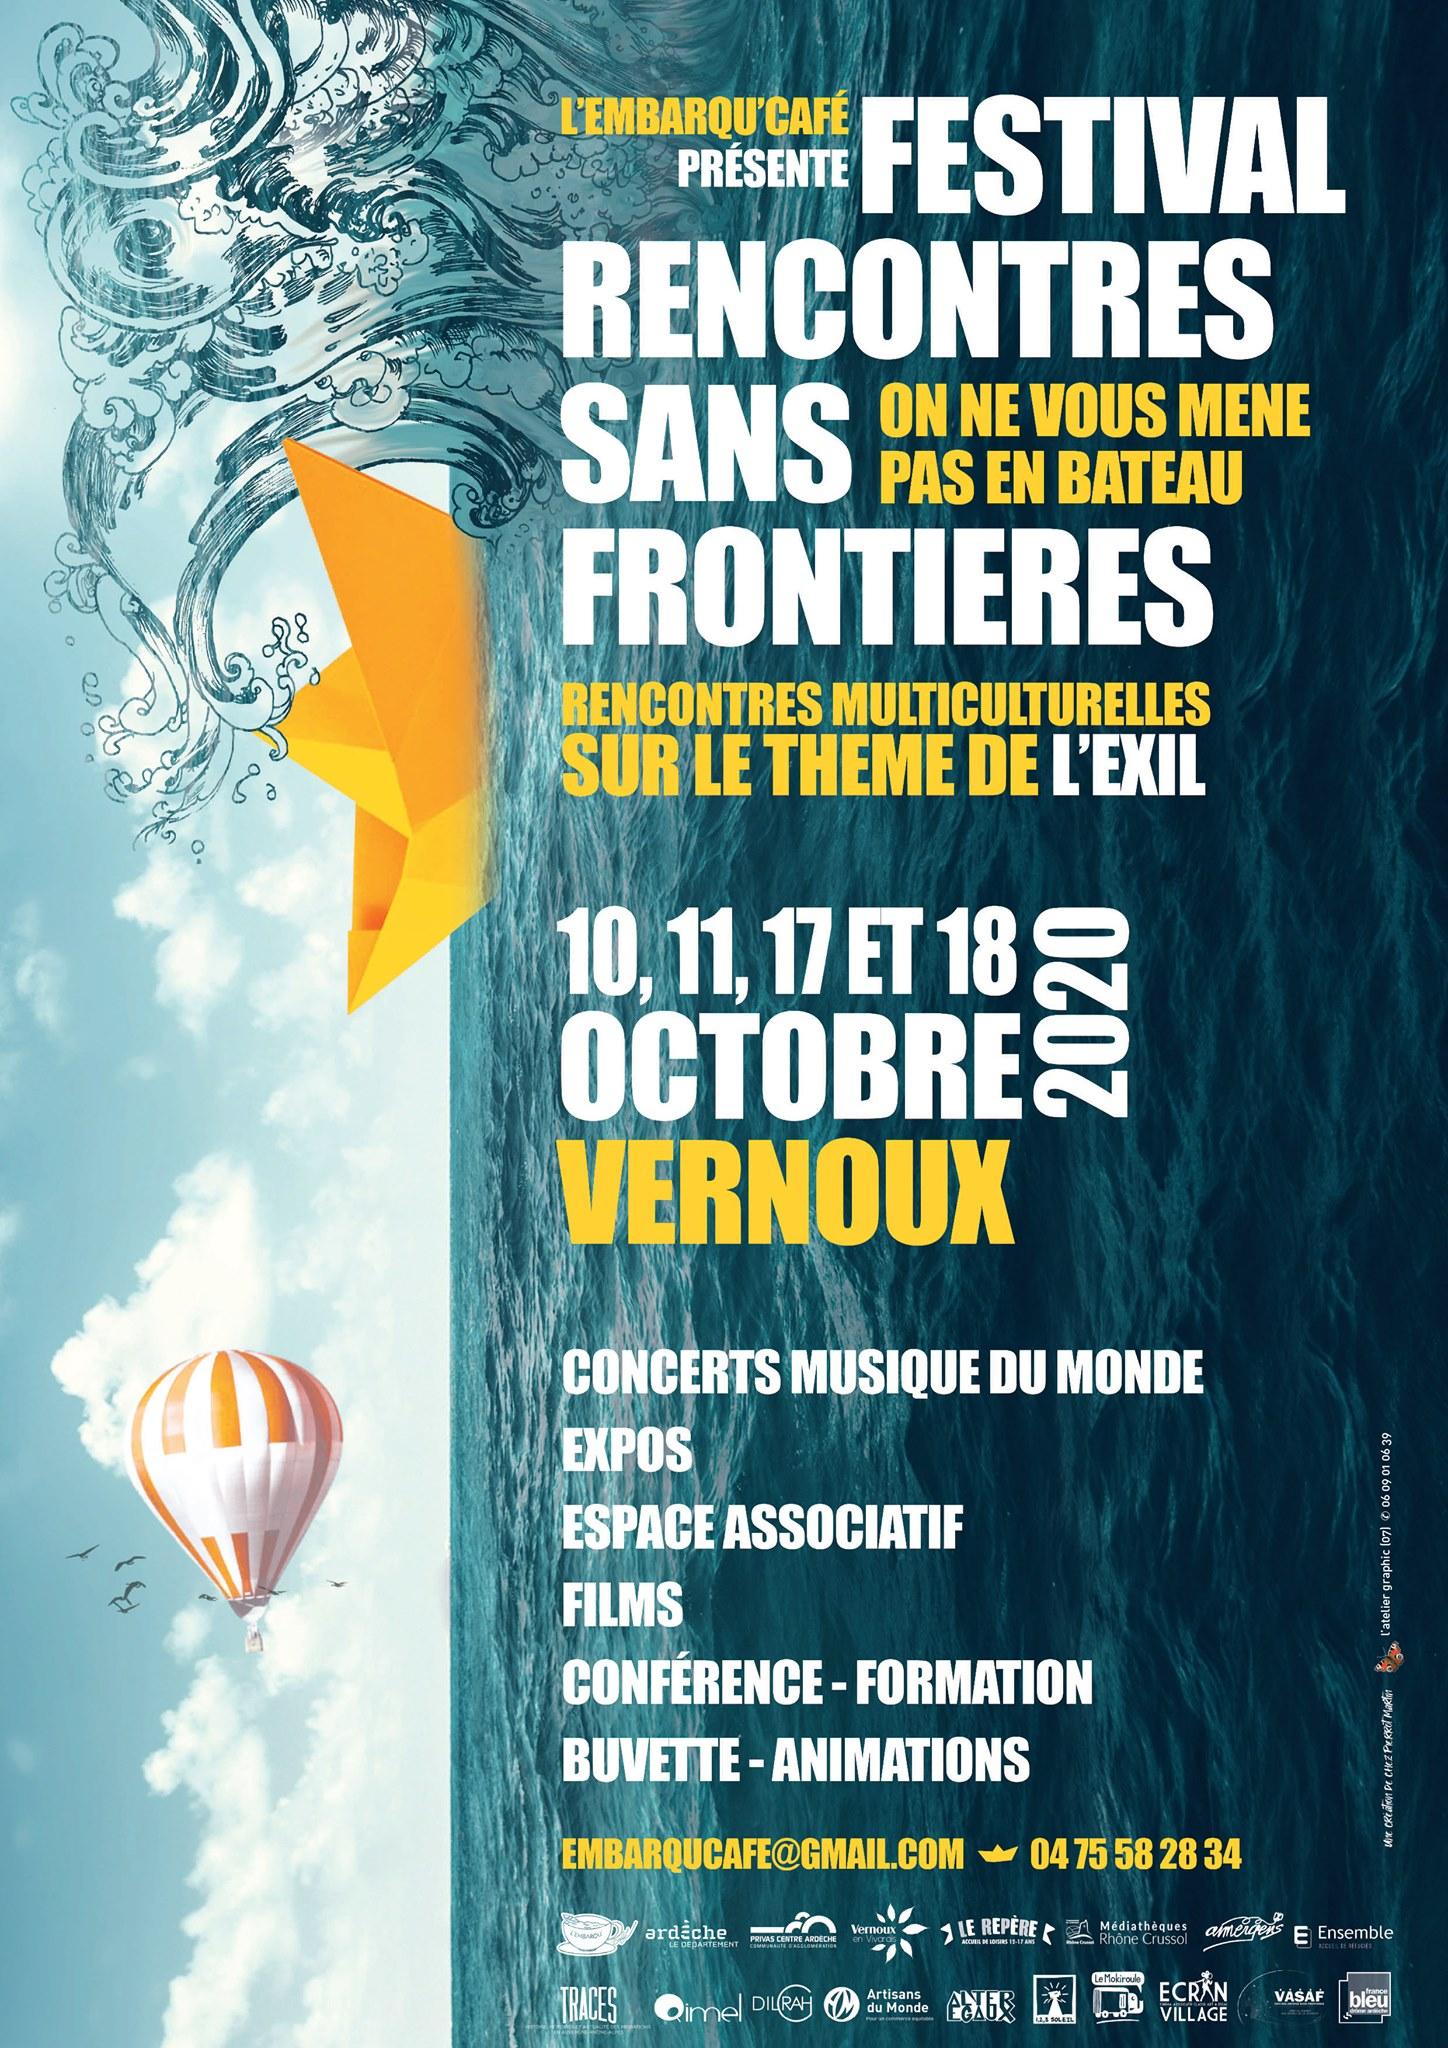 Festival multiculturel Rencontres sans frontières (1ère édition)